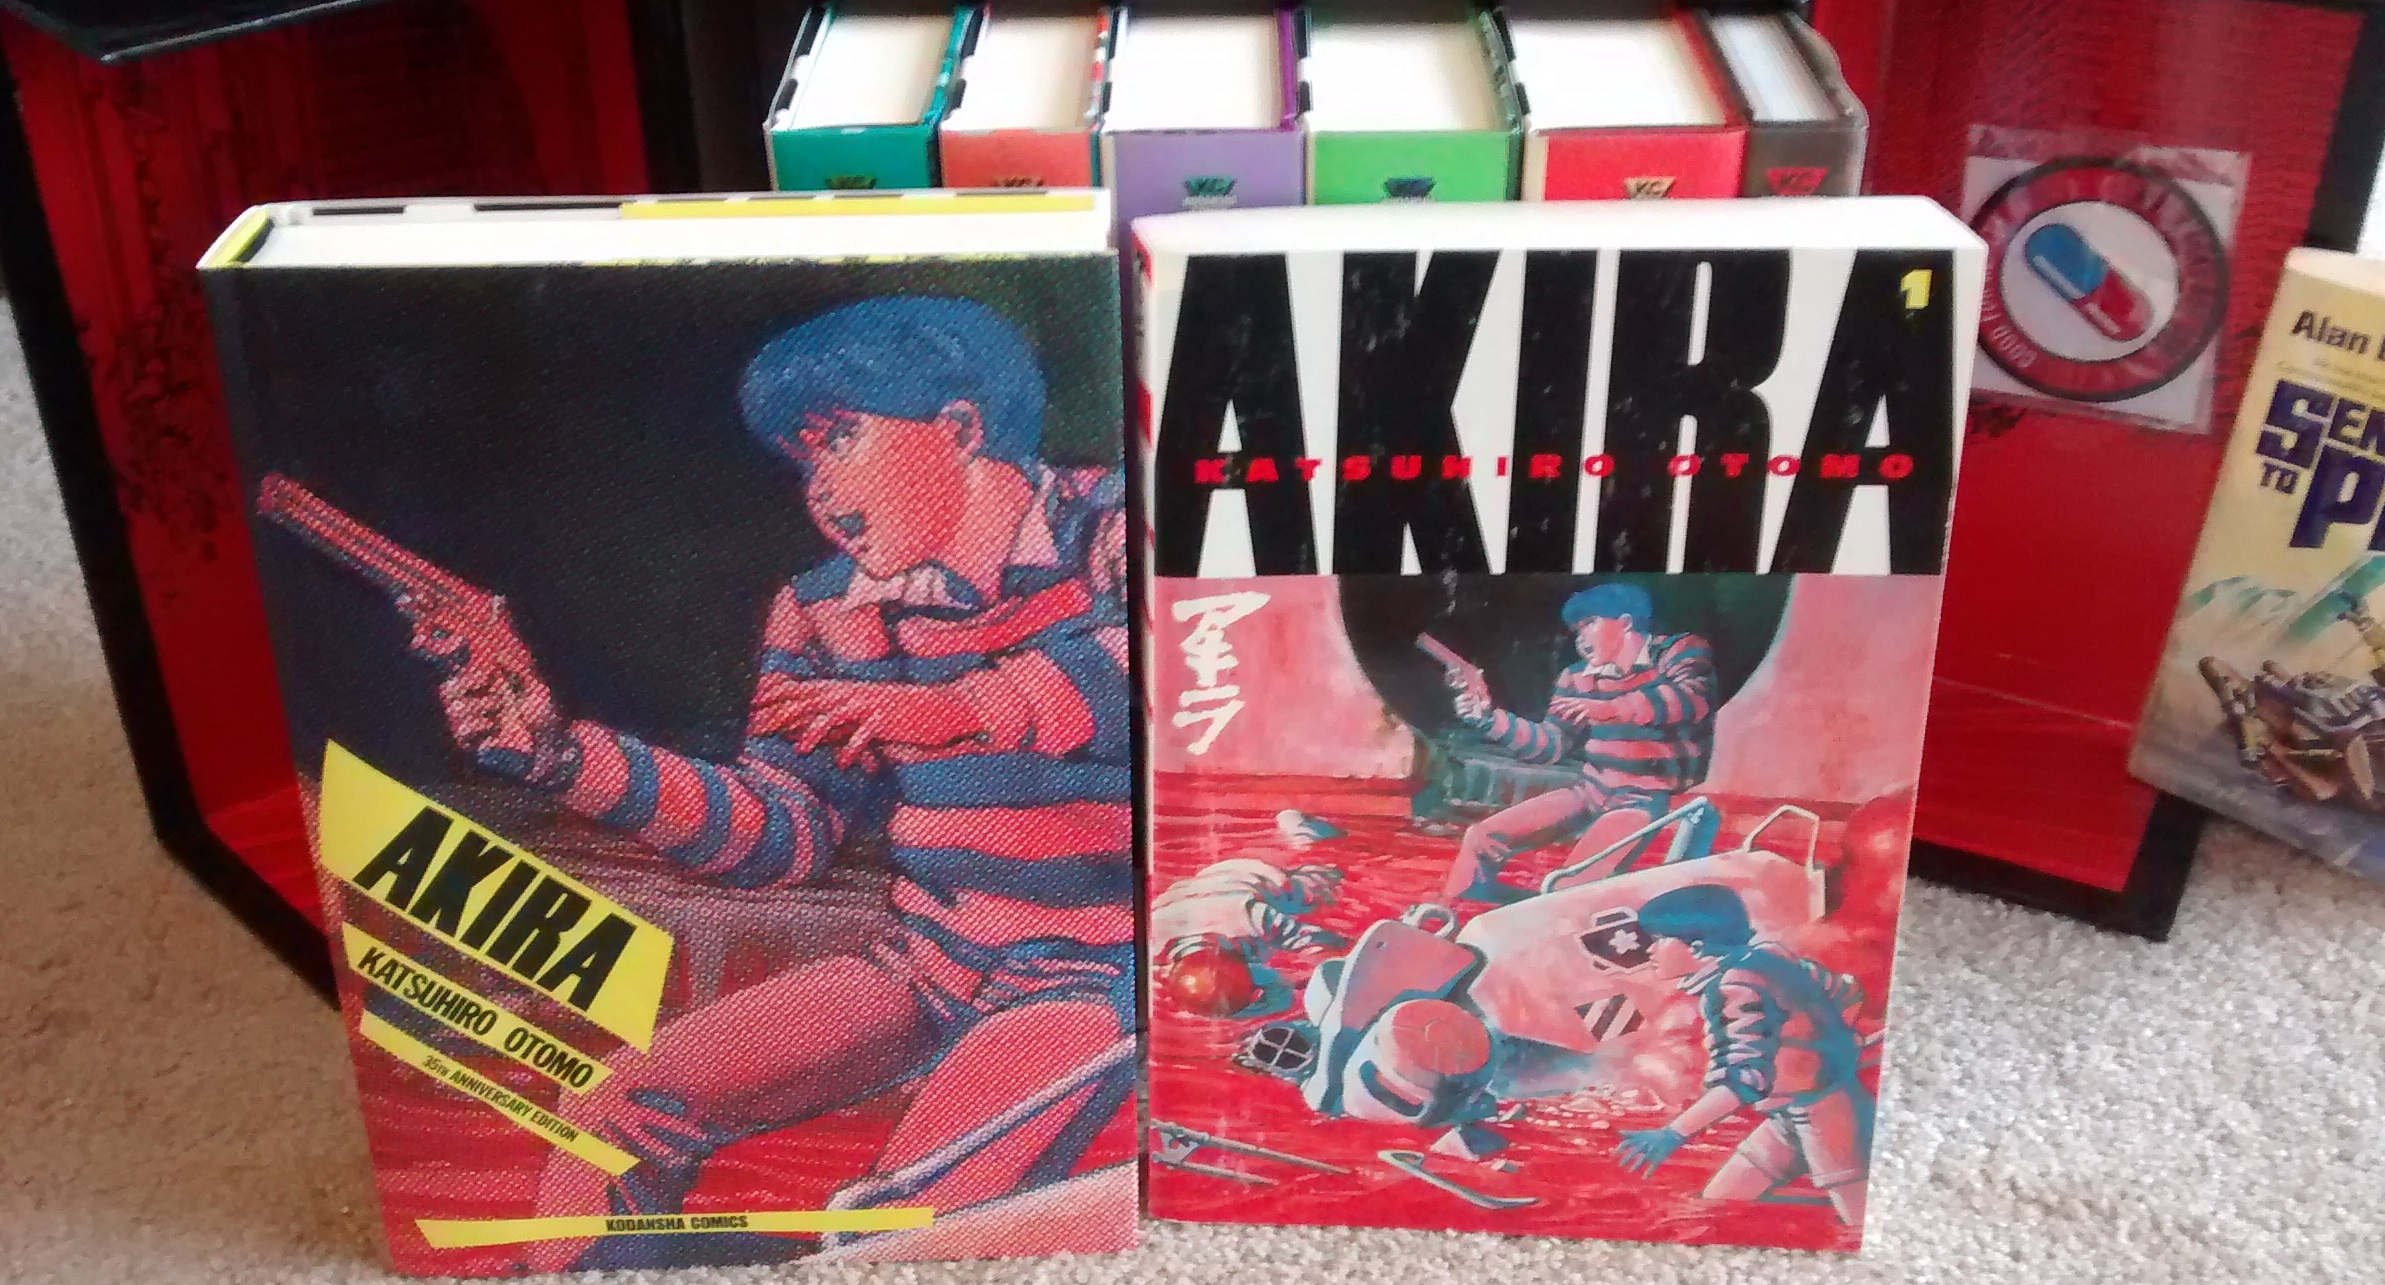 akira3-hardsoft